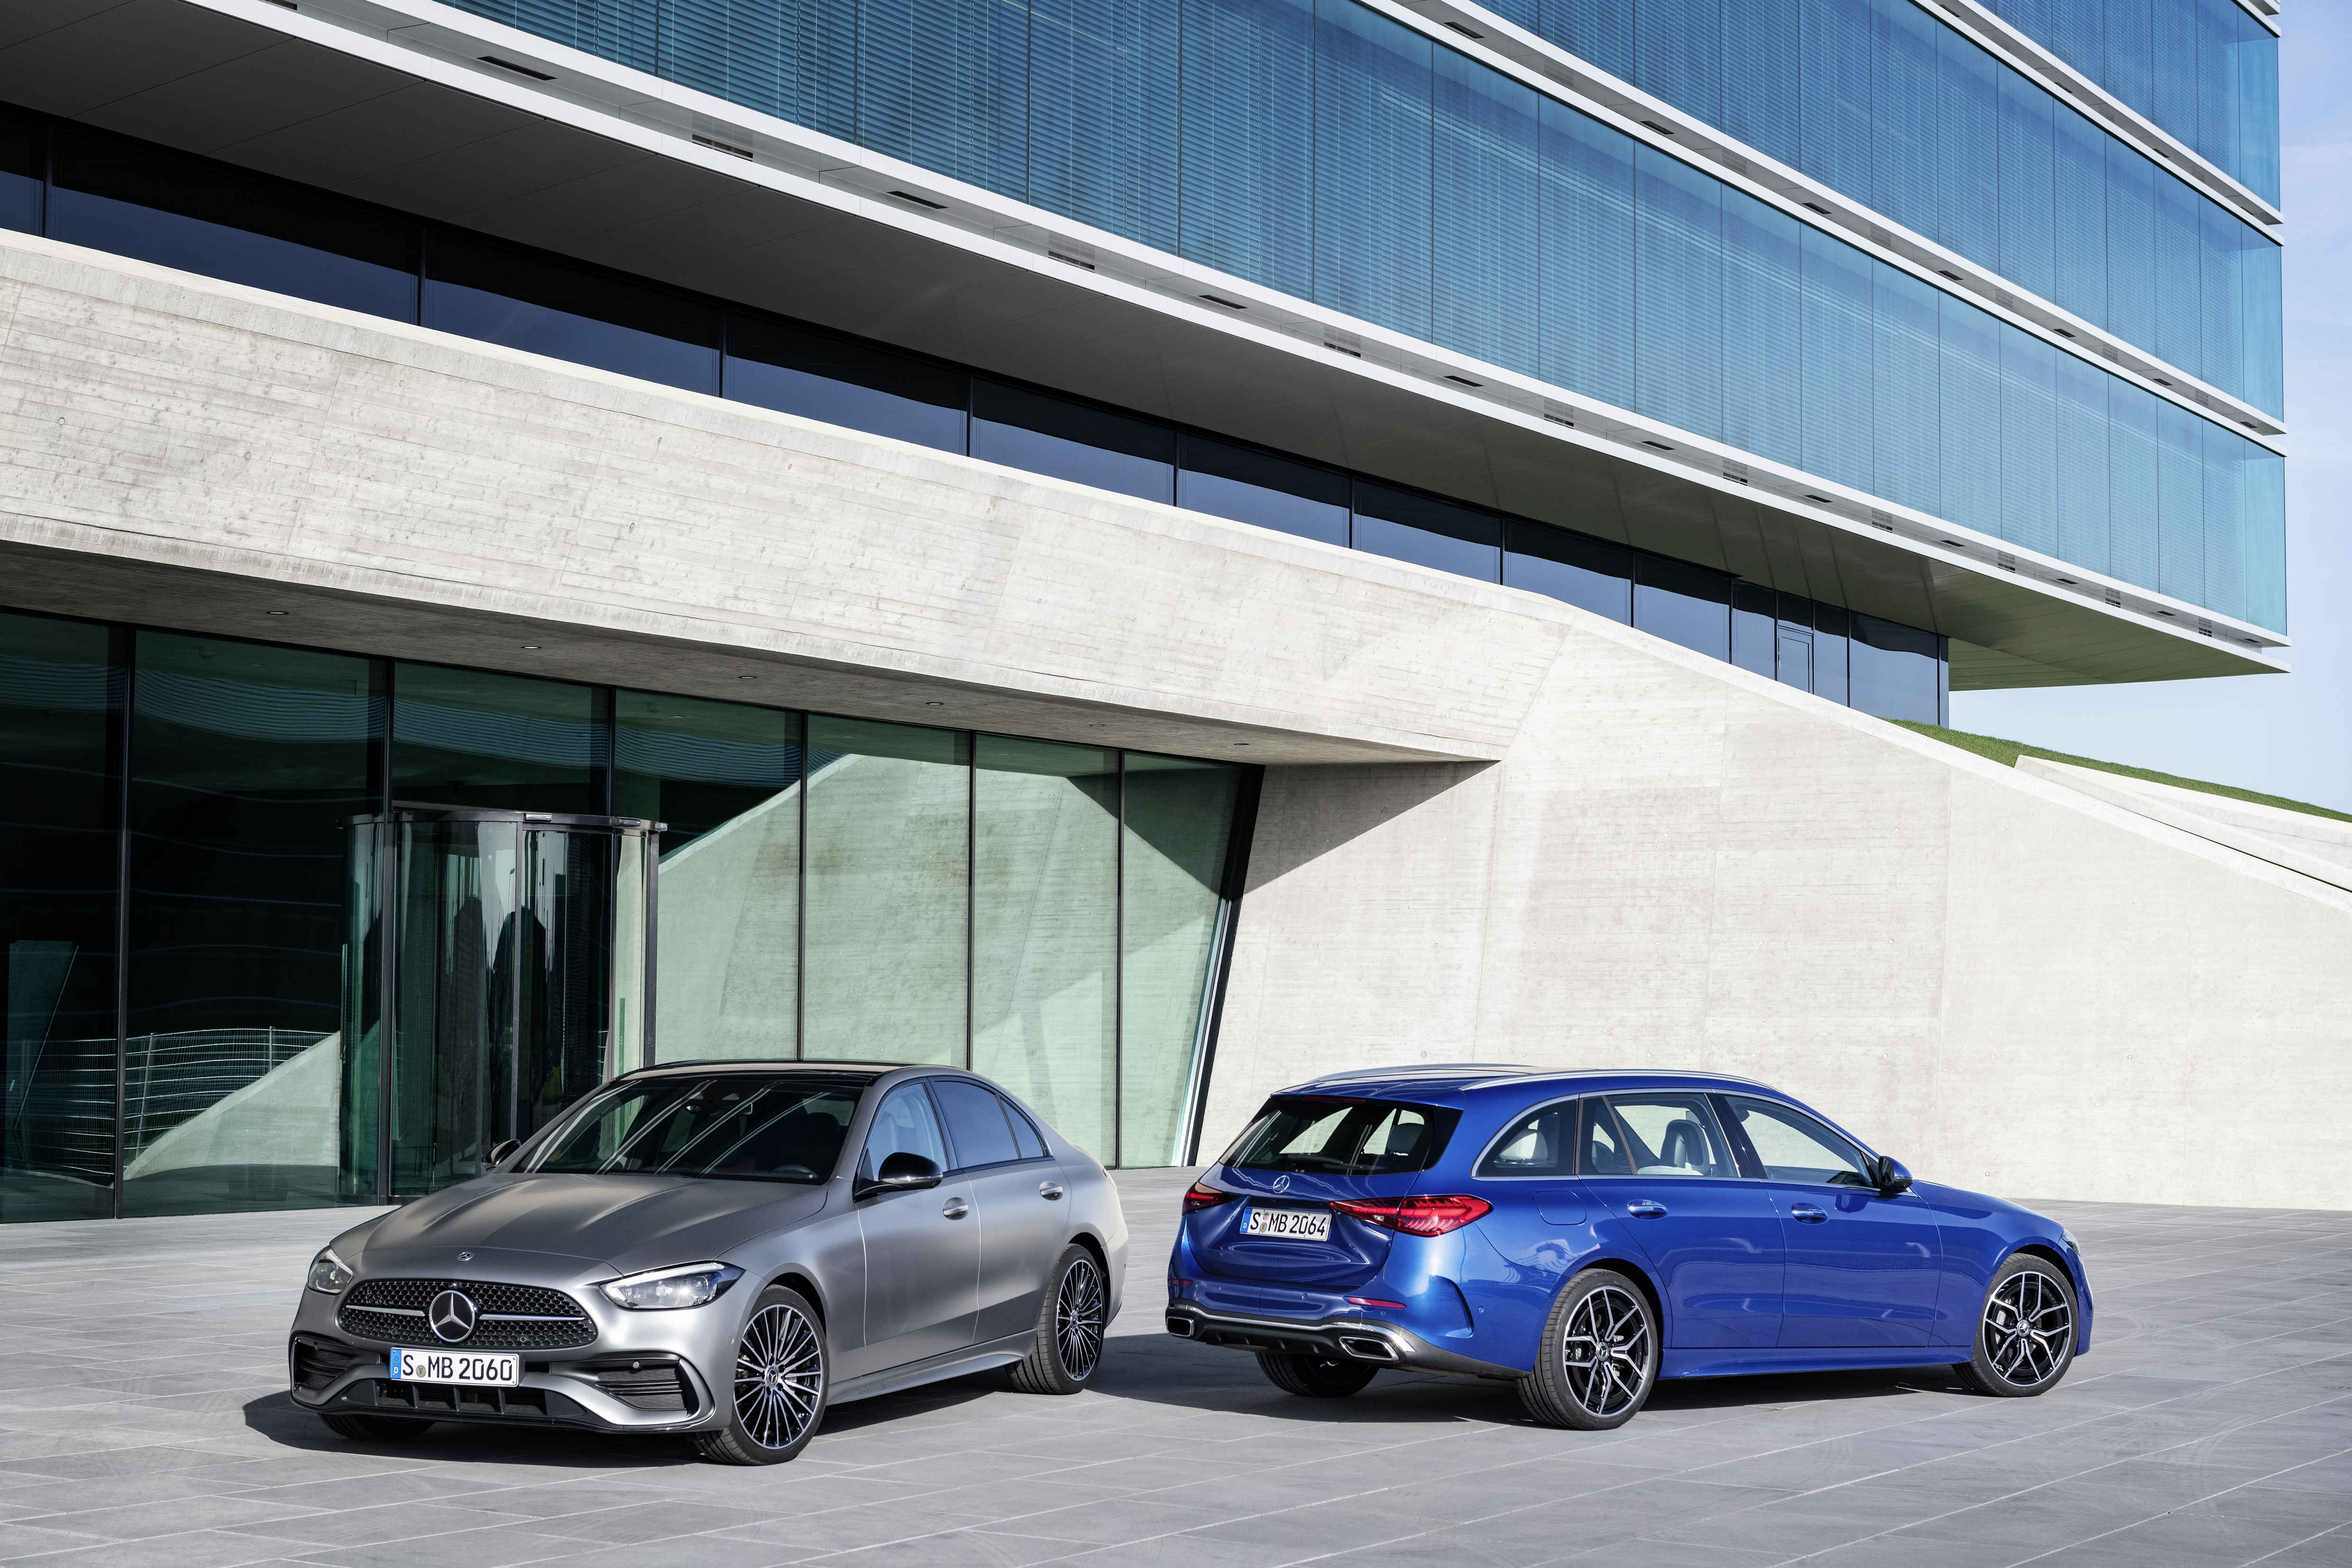 新奔驰c级车型发布,实现整个系统的电气化驱动